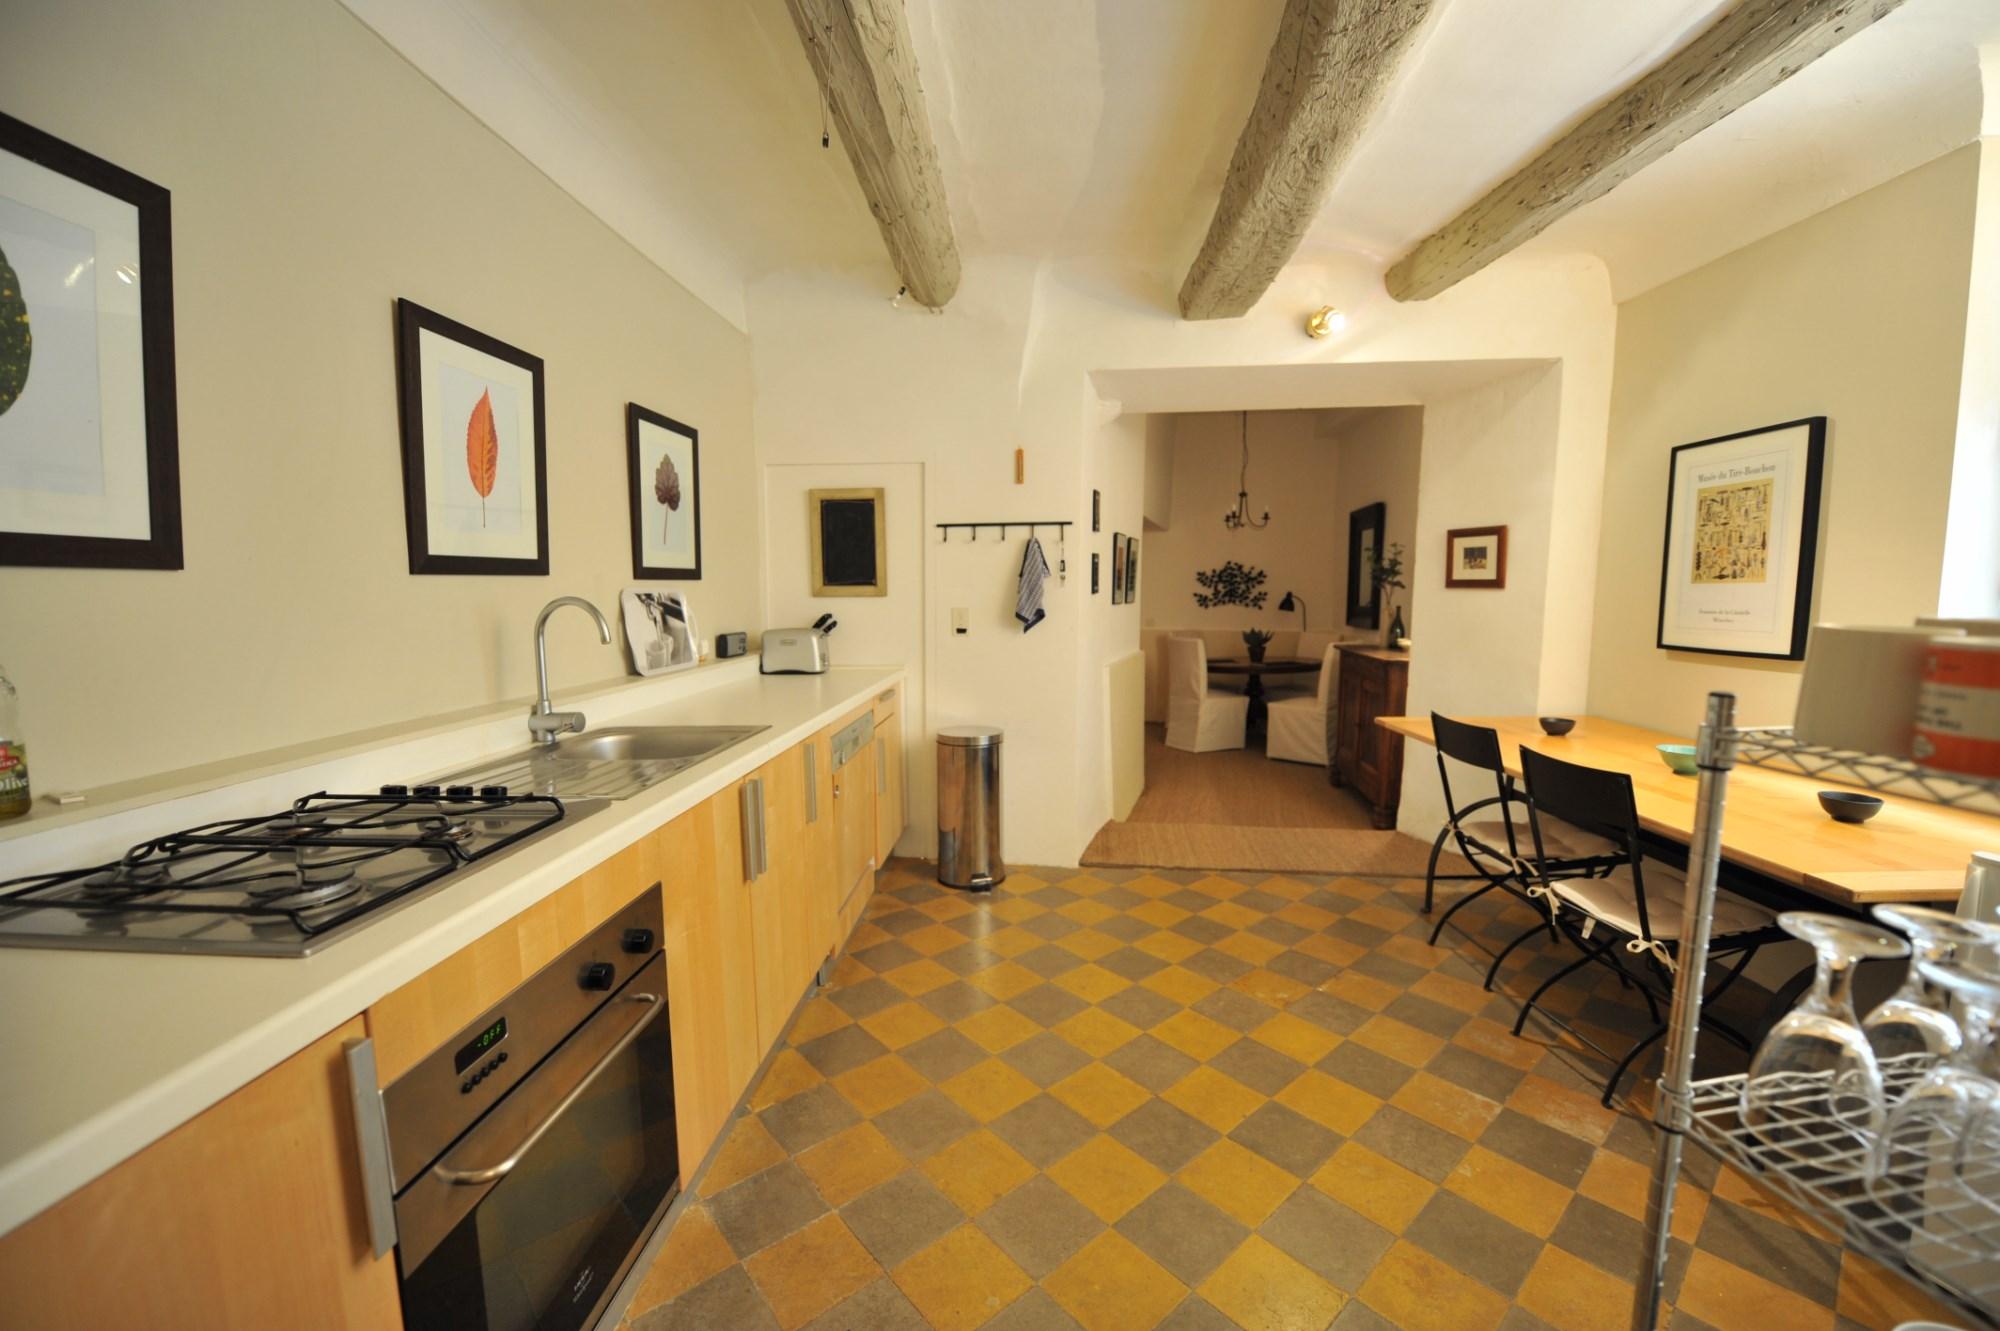 A vendre,   très belle rénovation pour cette maison en pierres, avec terrasse tropézienne, face au Luberon en Provence